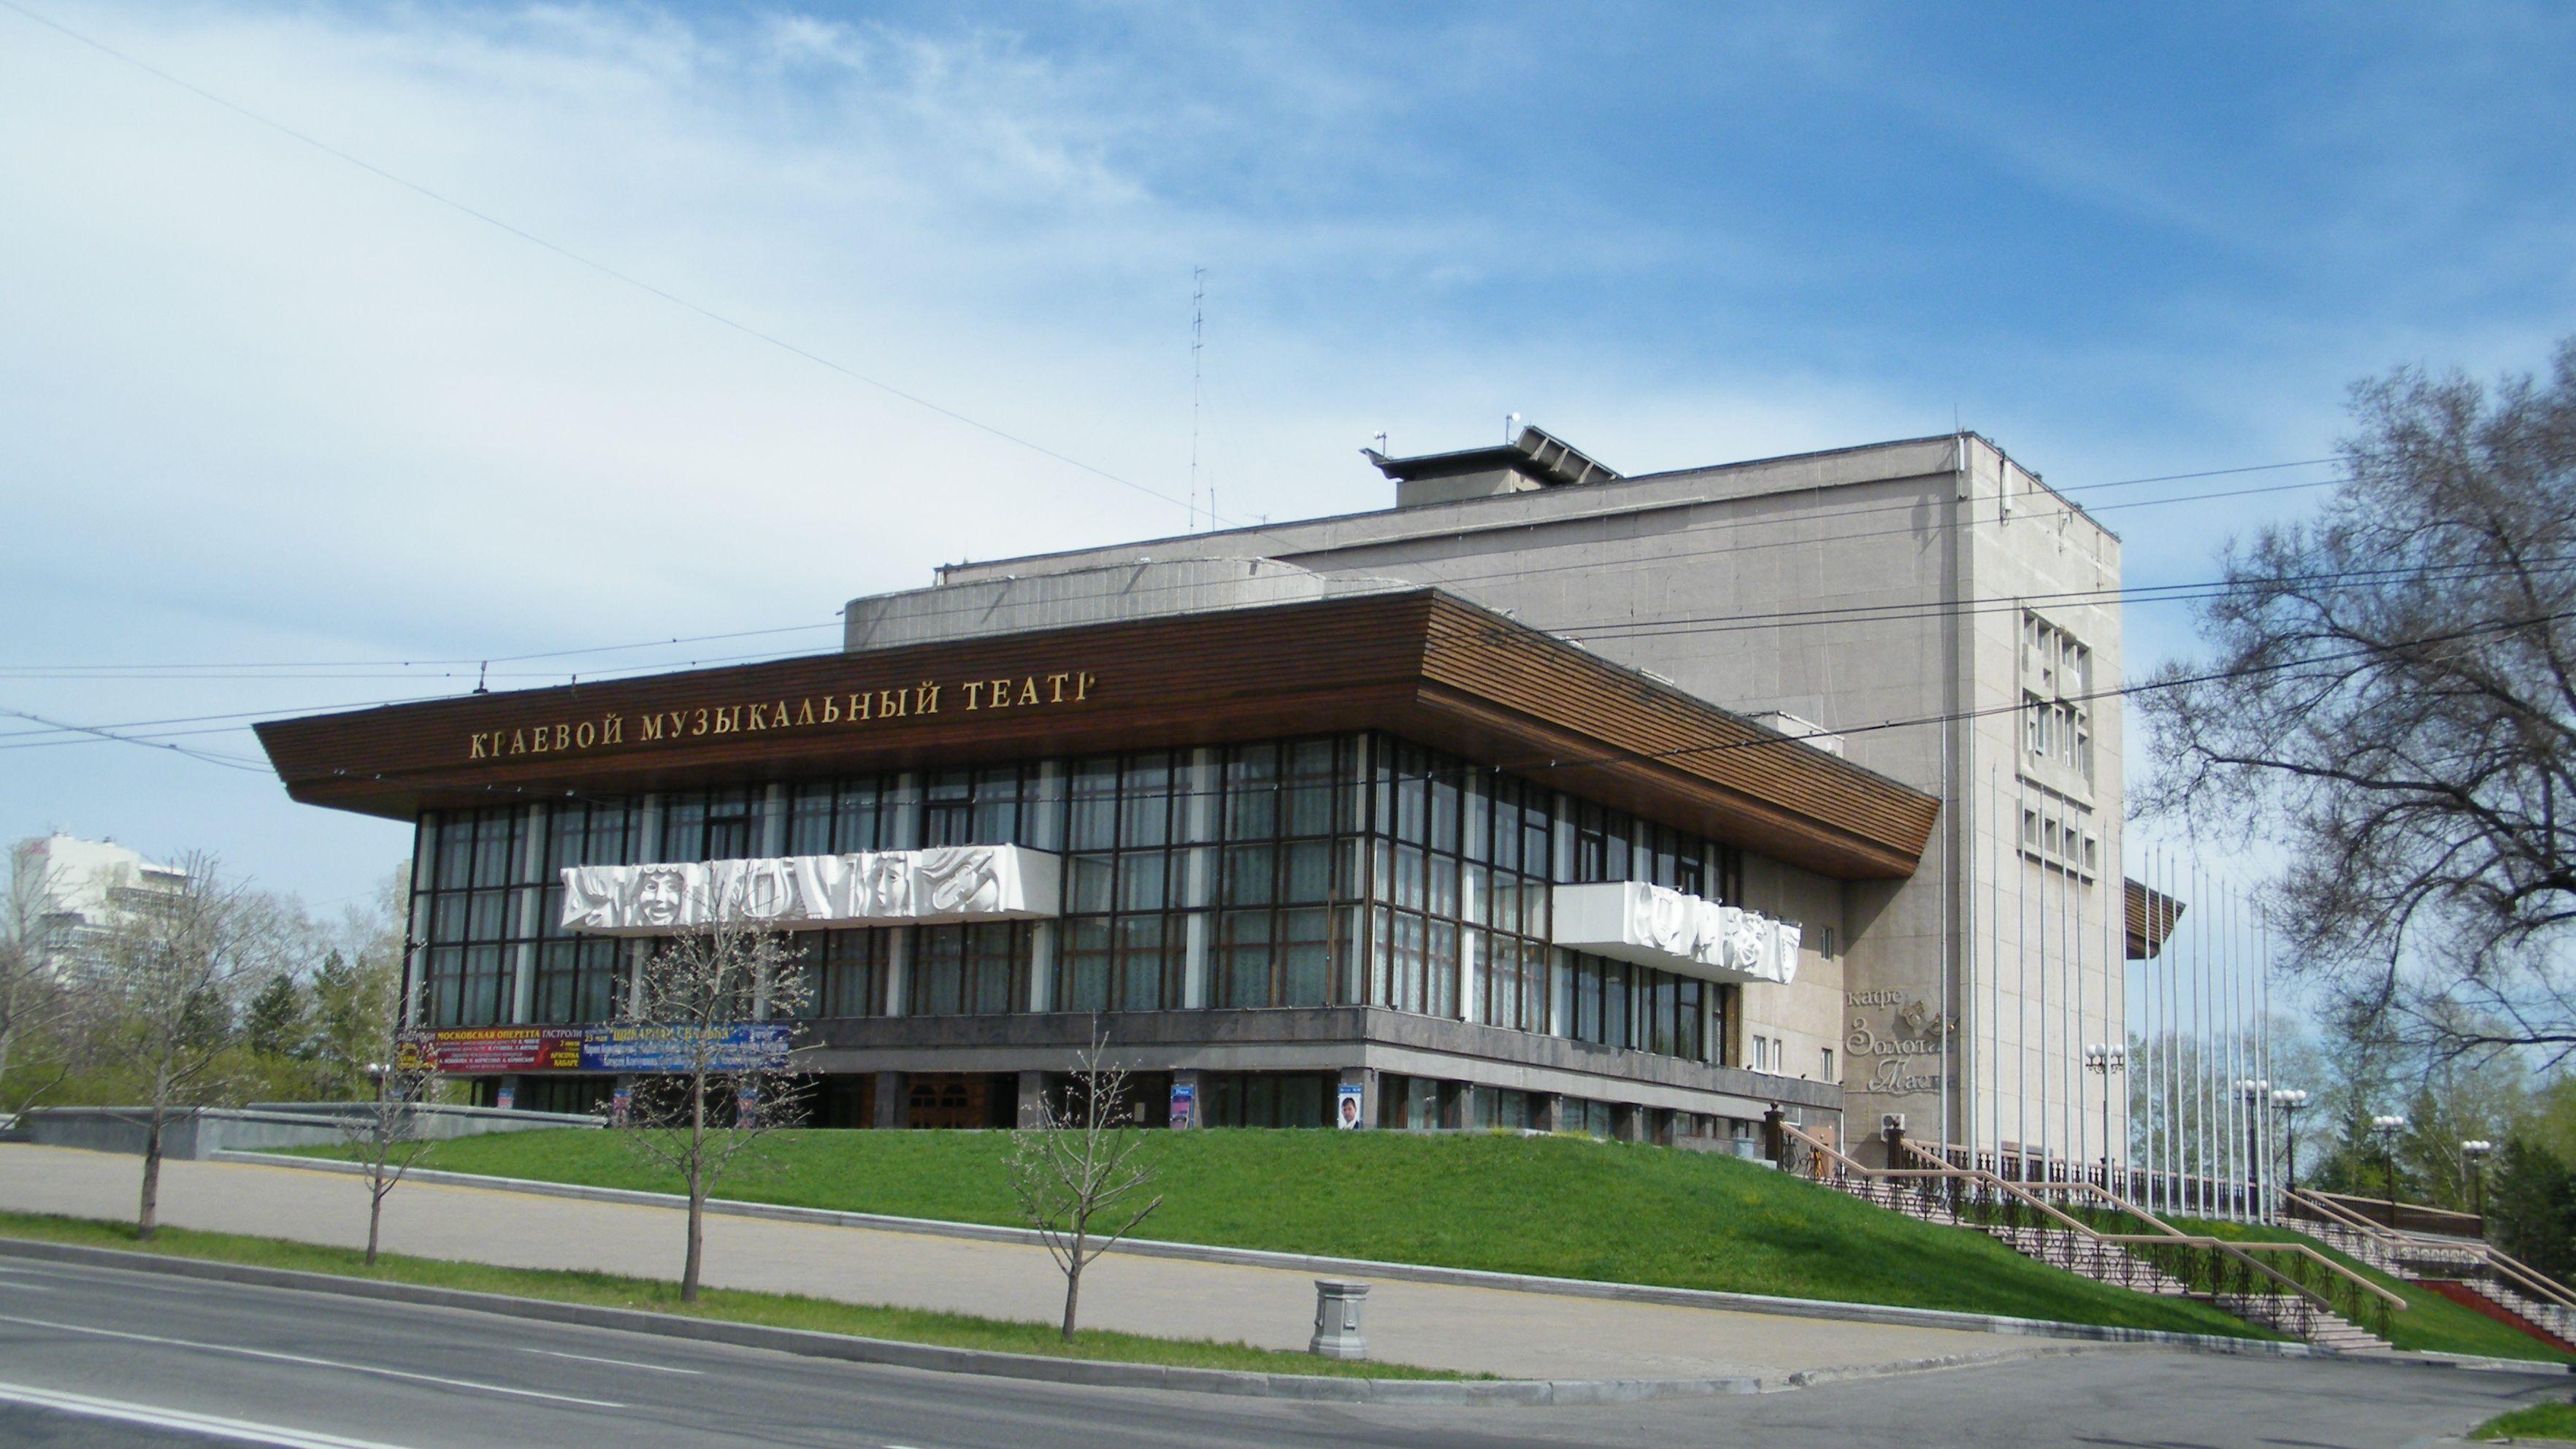 Билеты в театр музыкальной комедии хабаровск театр тюмень афиша